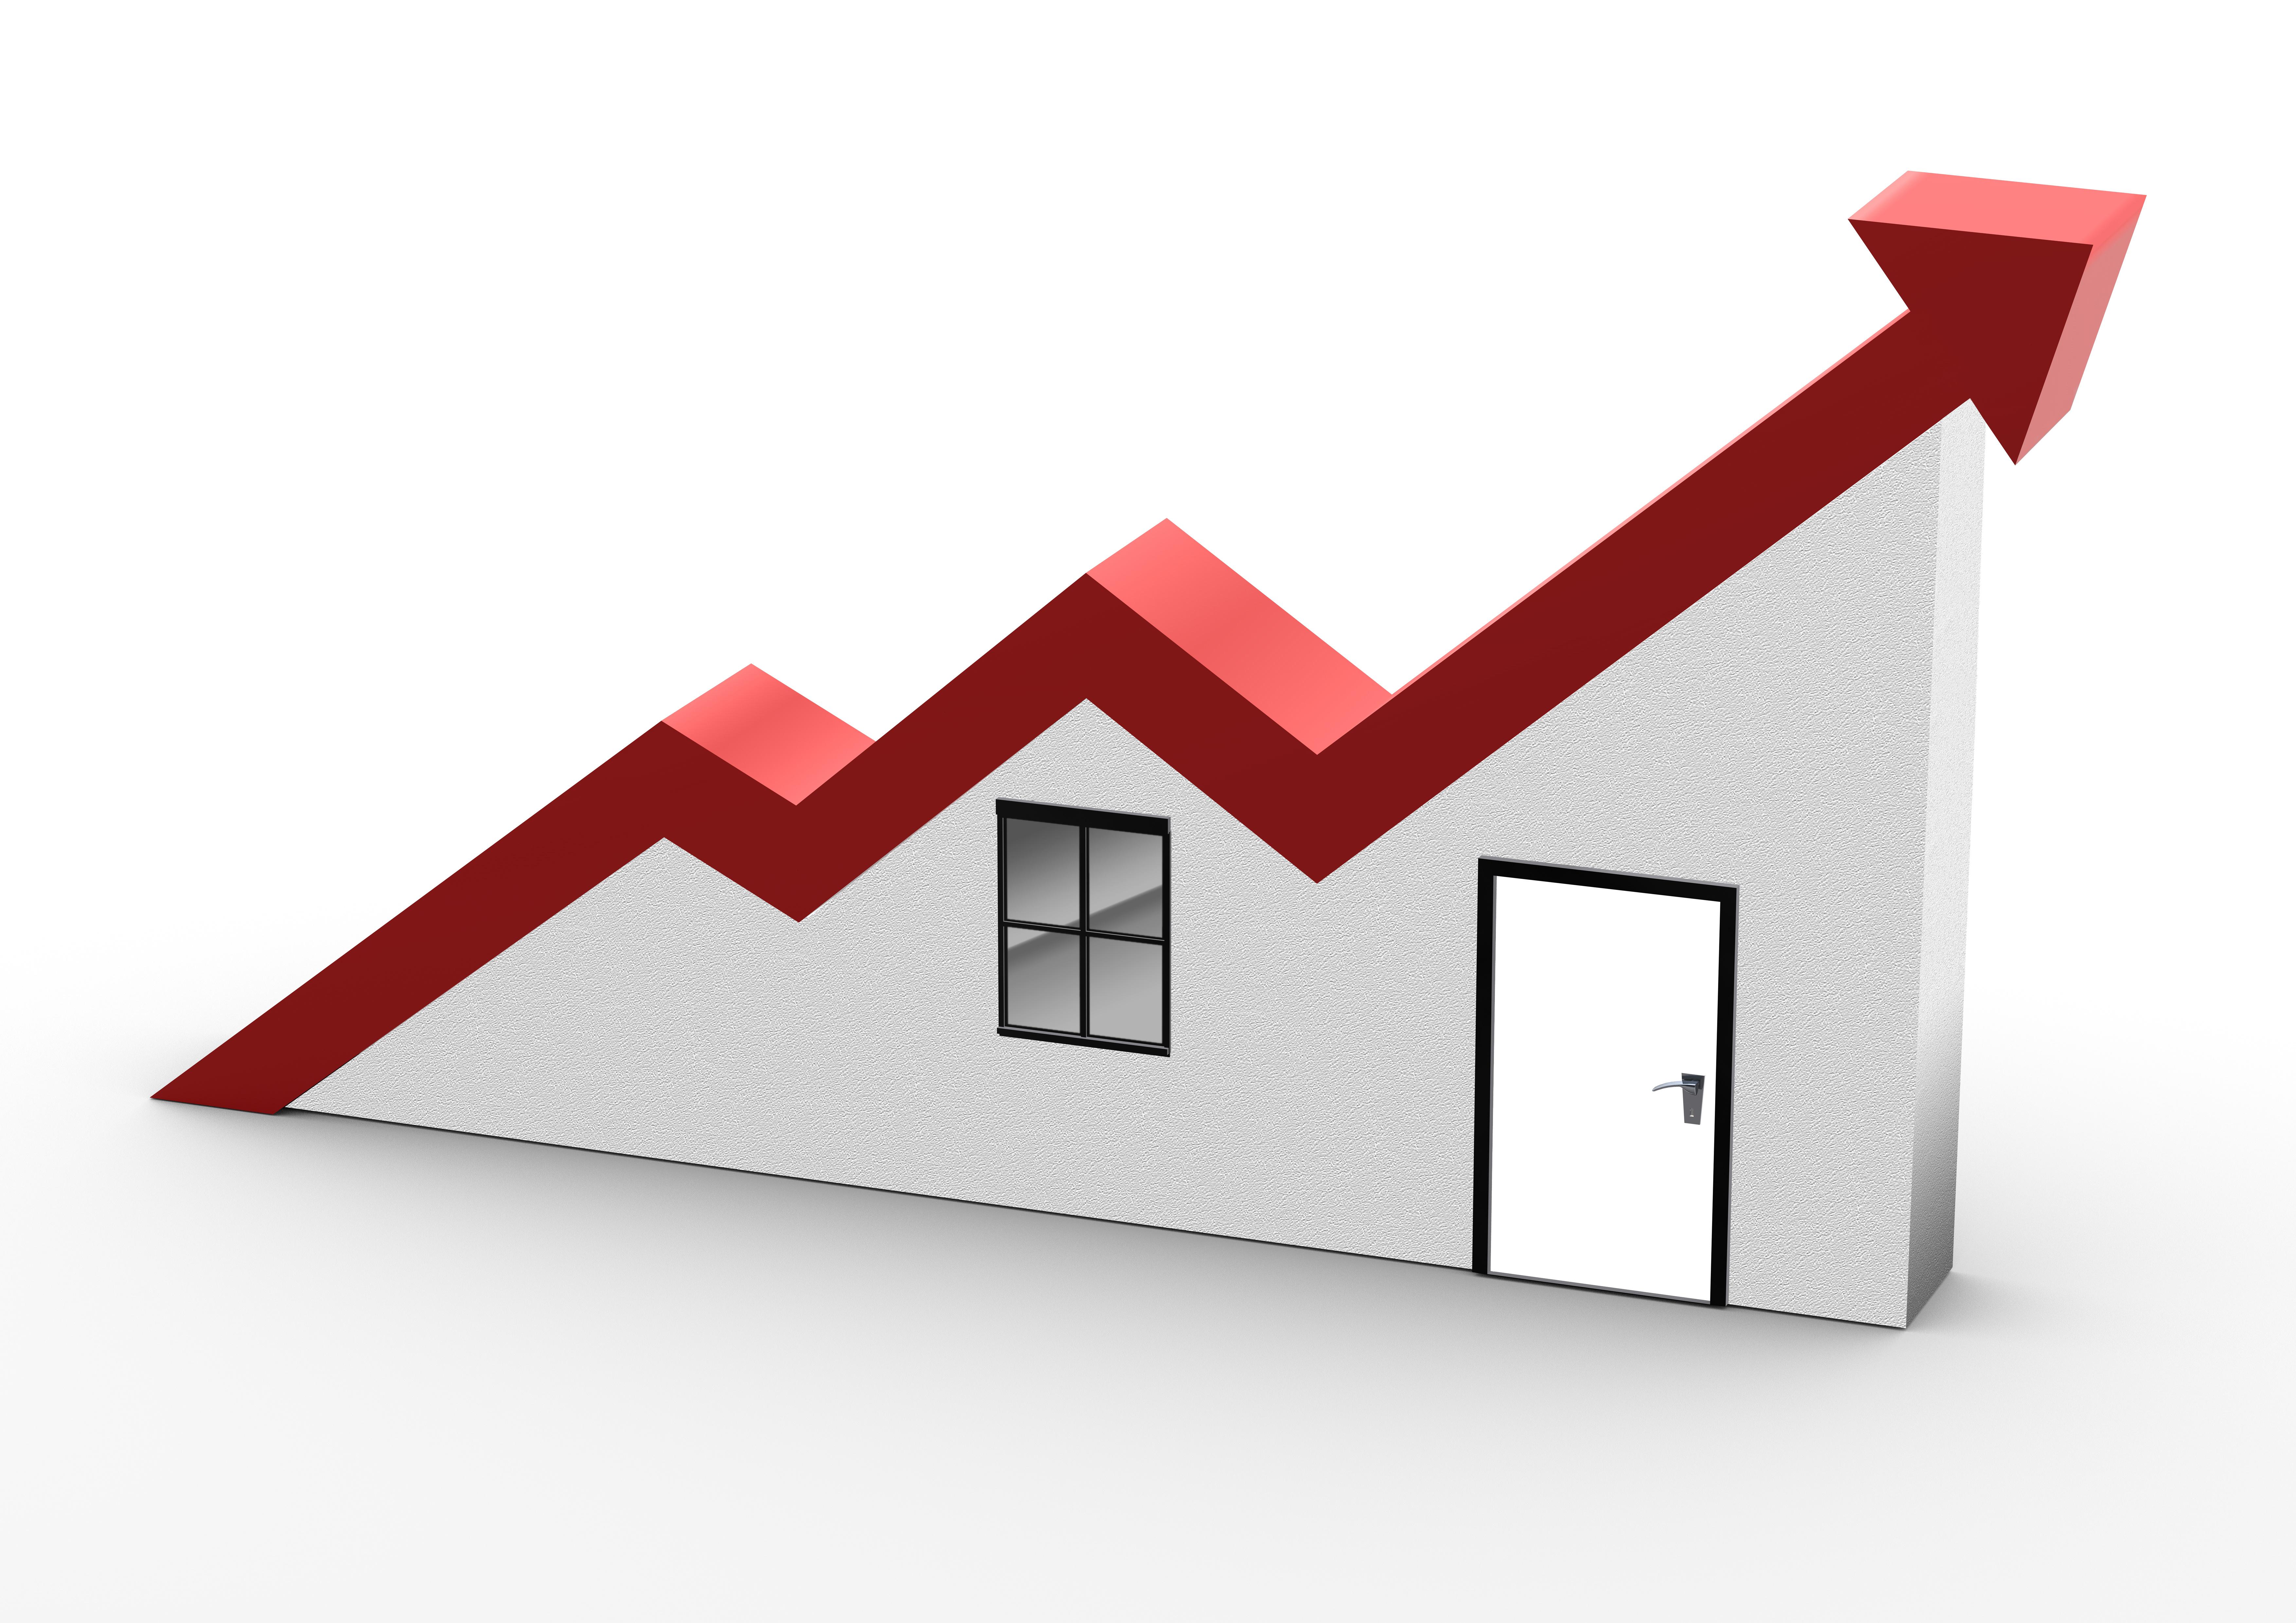 Analisi Bankitalia sulla ripresa del settore immobiliare 2015